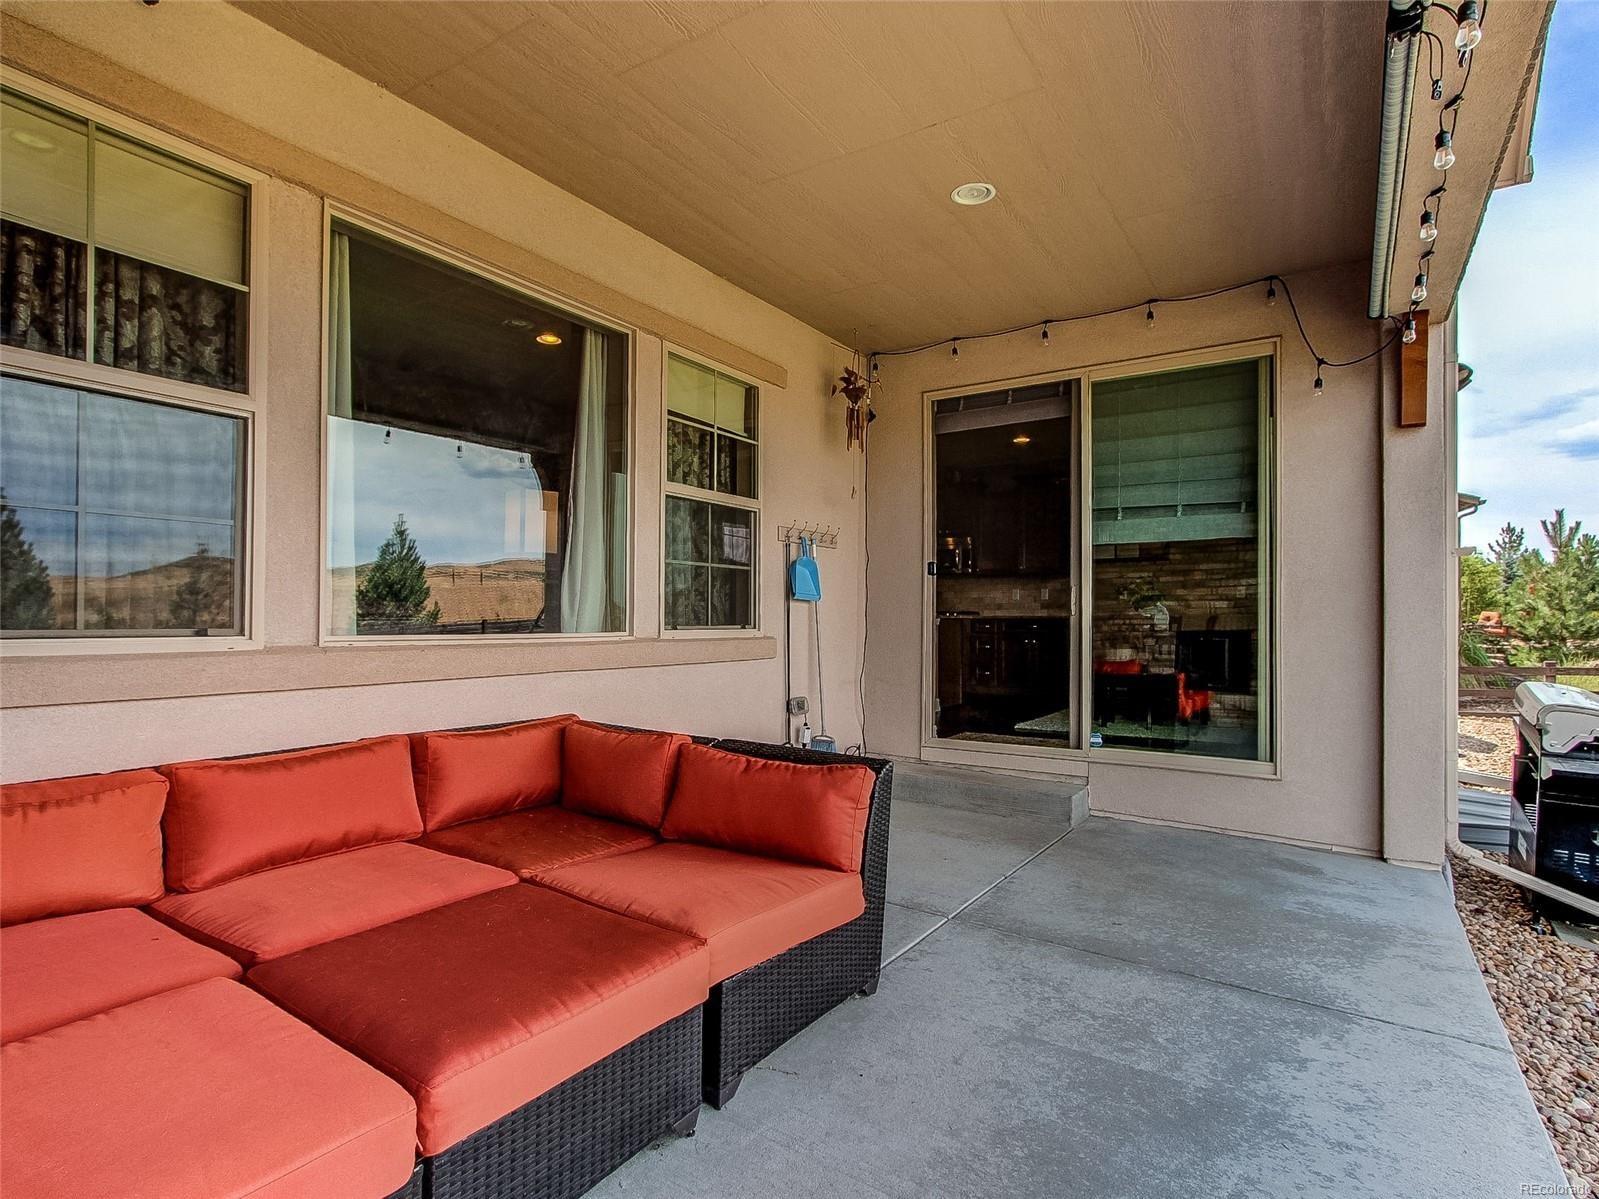 MLS# 8142376 - 35 - 14585 Saddlebred Avenue, Parker, CO 80134